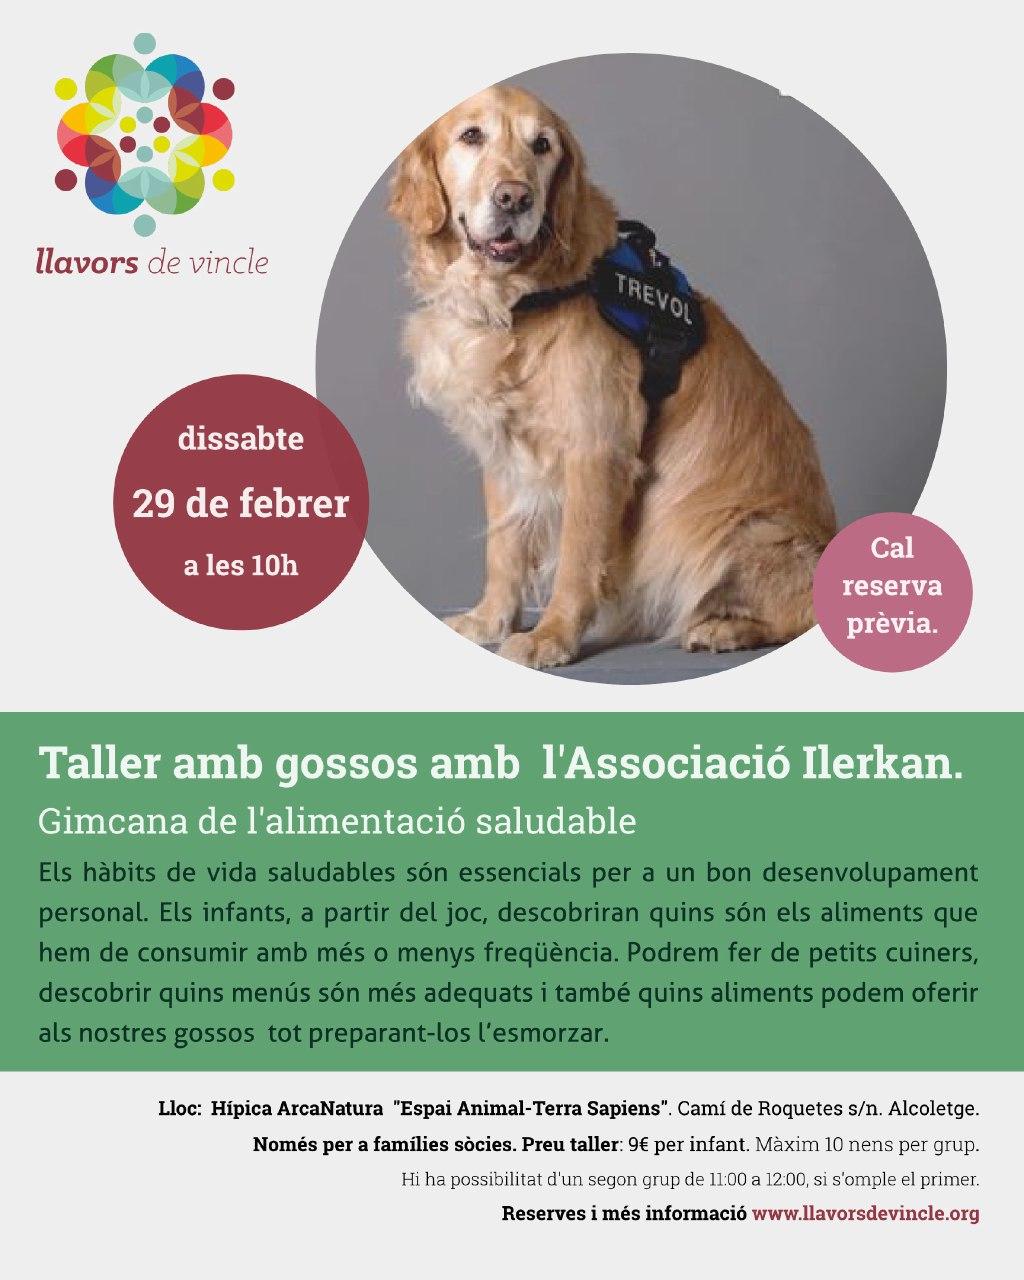 Taller amb gossos amb l'Associació Ilerkan